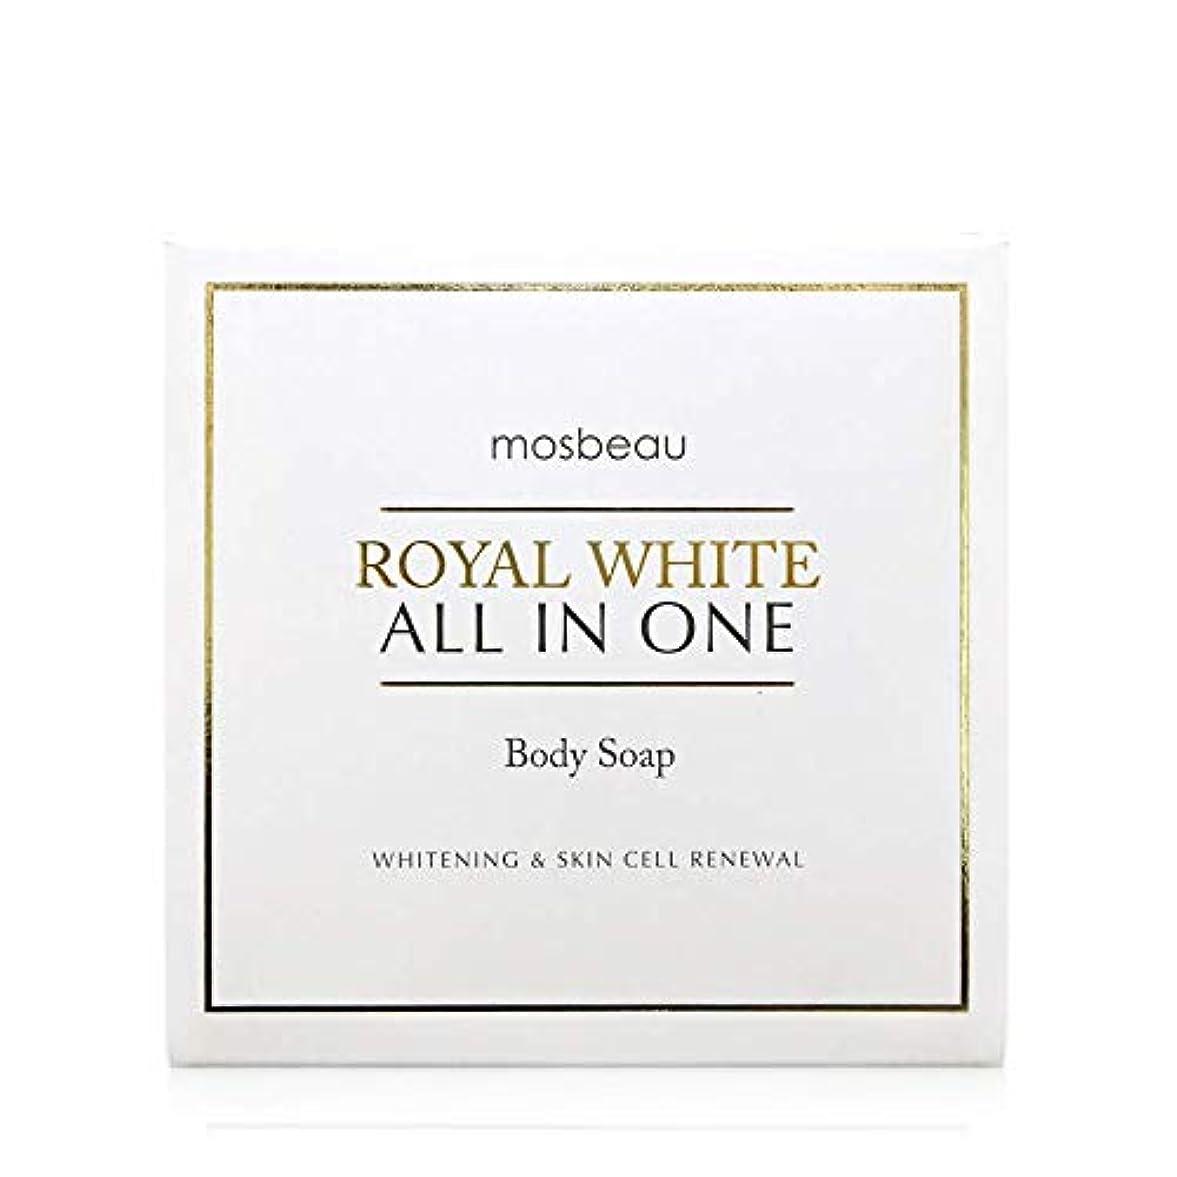 王朝特許風が強いmosbeau ROYAL WHITE ALL-IN-ONE BODY SOAP 100g ロィヤルホワイトオールインワンボディーソープ